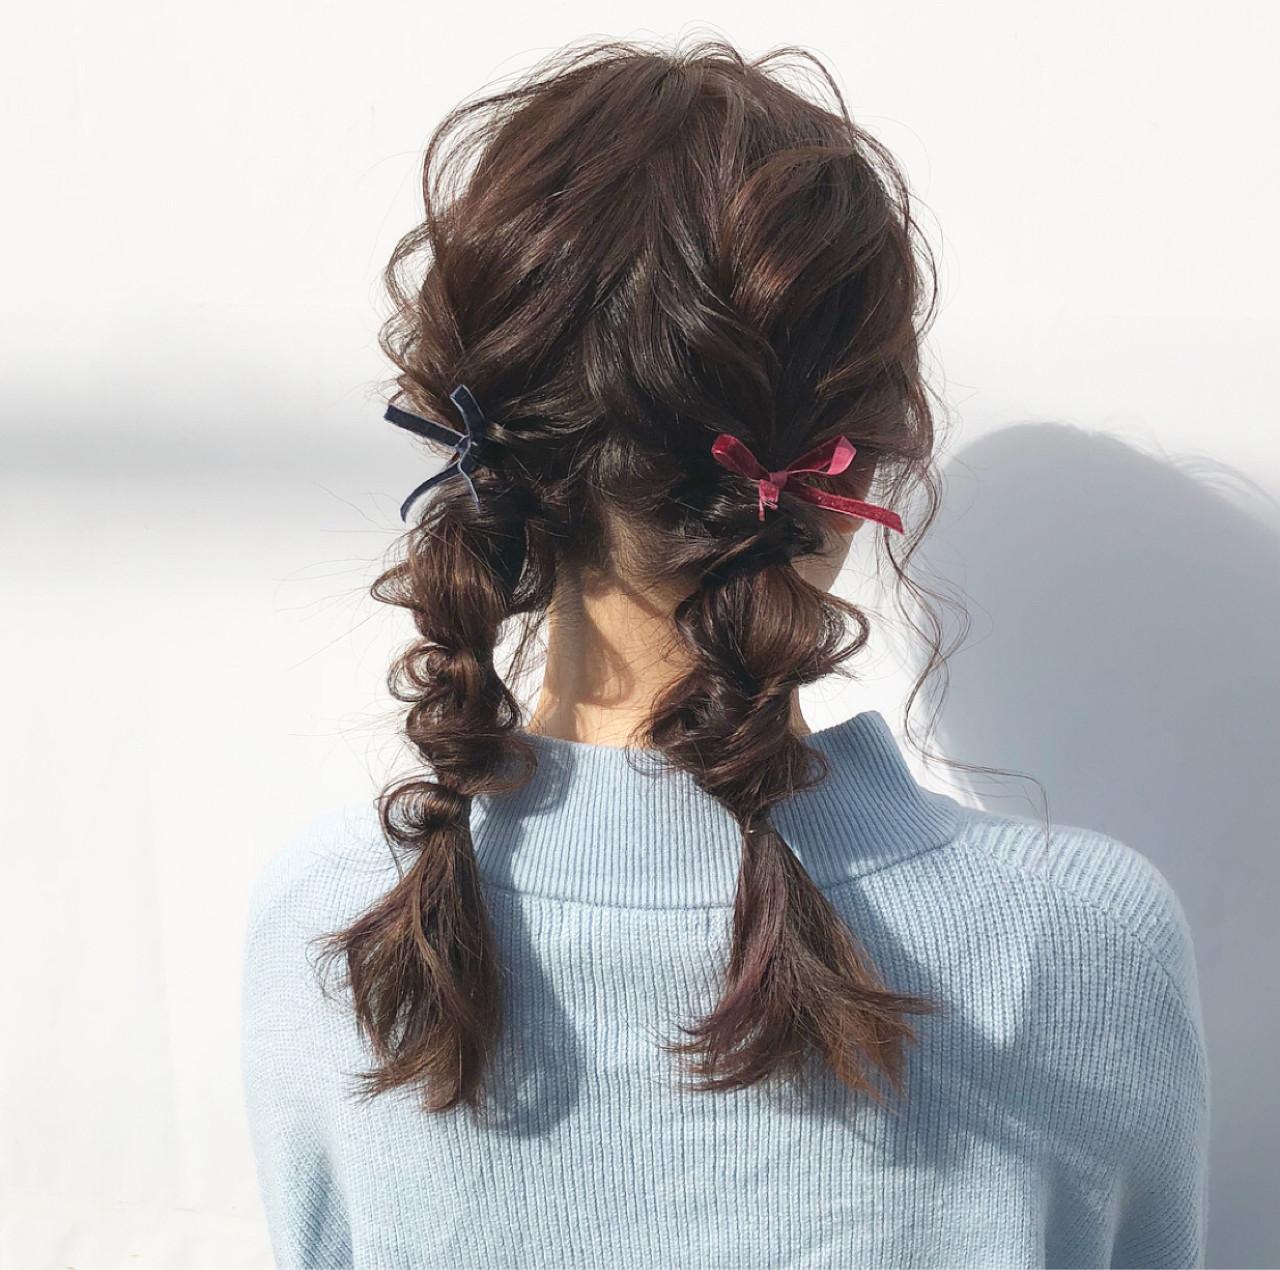 セミロング デート ガーリー ヘアアレンジ ヘアスタイルや髪型の写真・画像